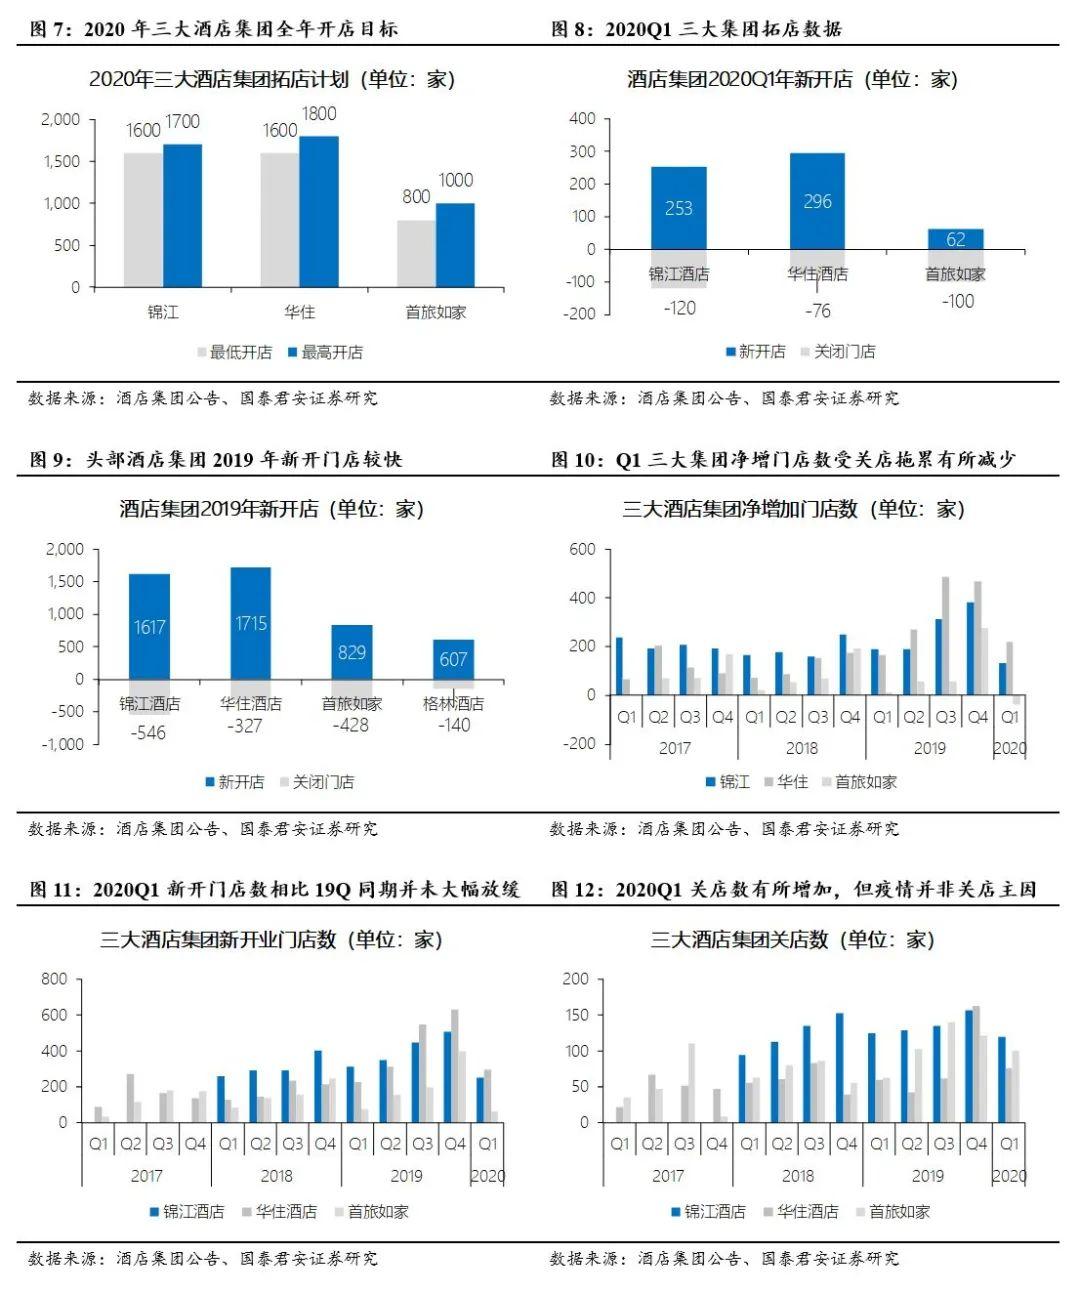 【国君社服刘越男】锦江酒店:迎国改提效控费,抗疫情市占率跃升